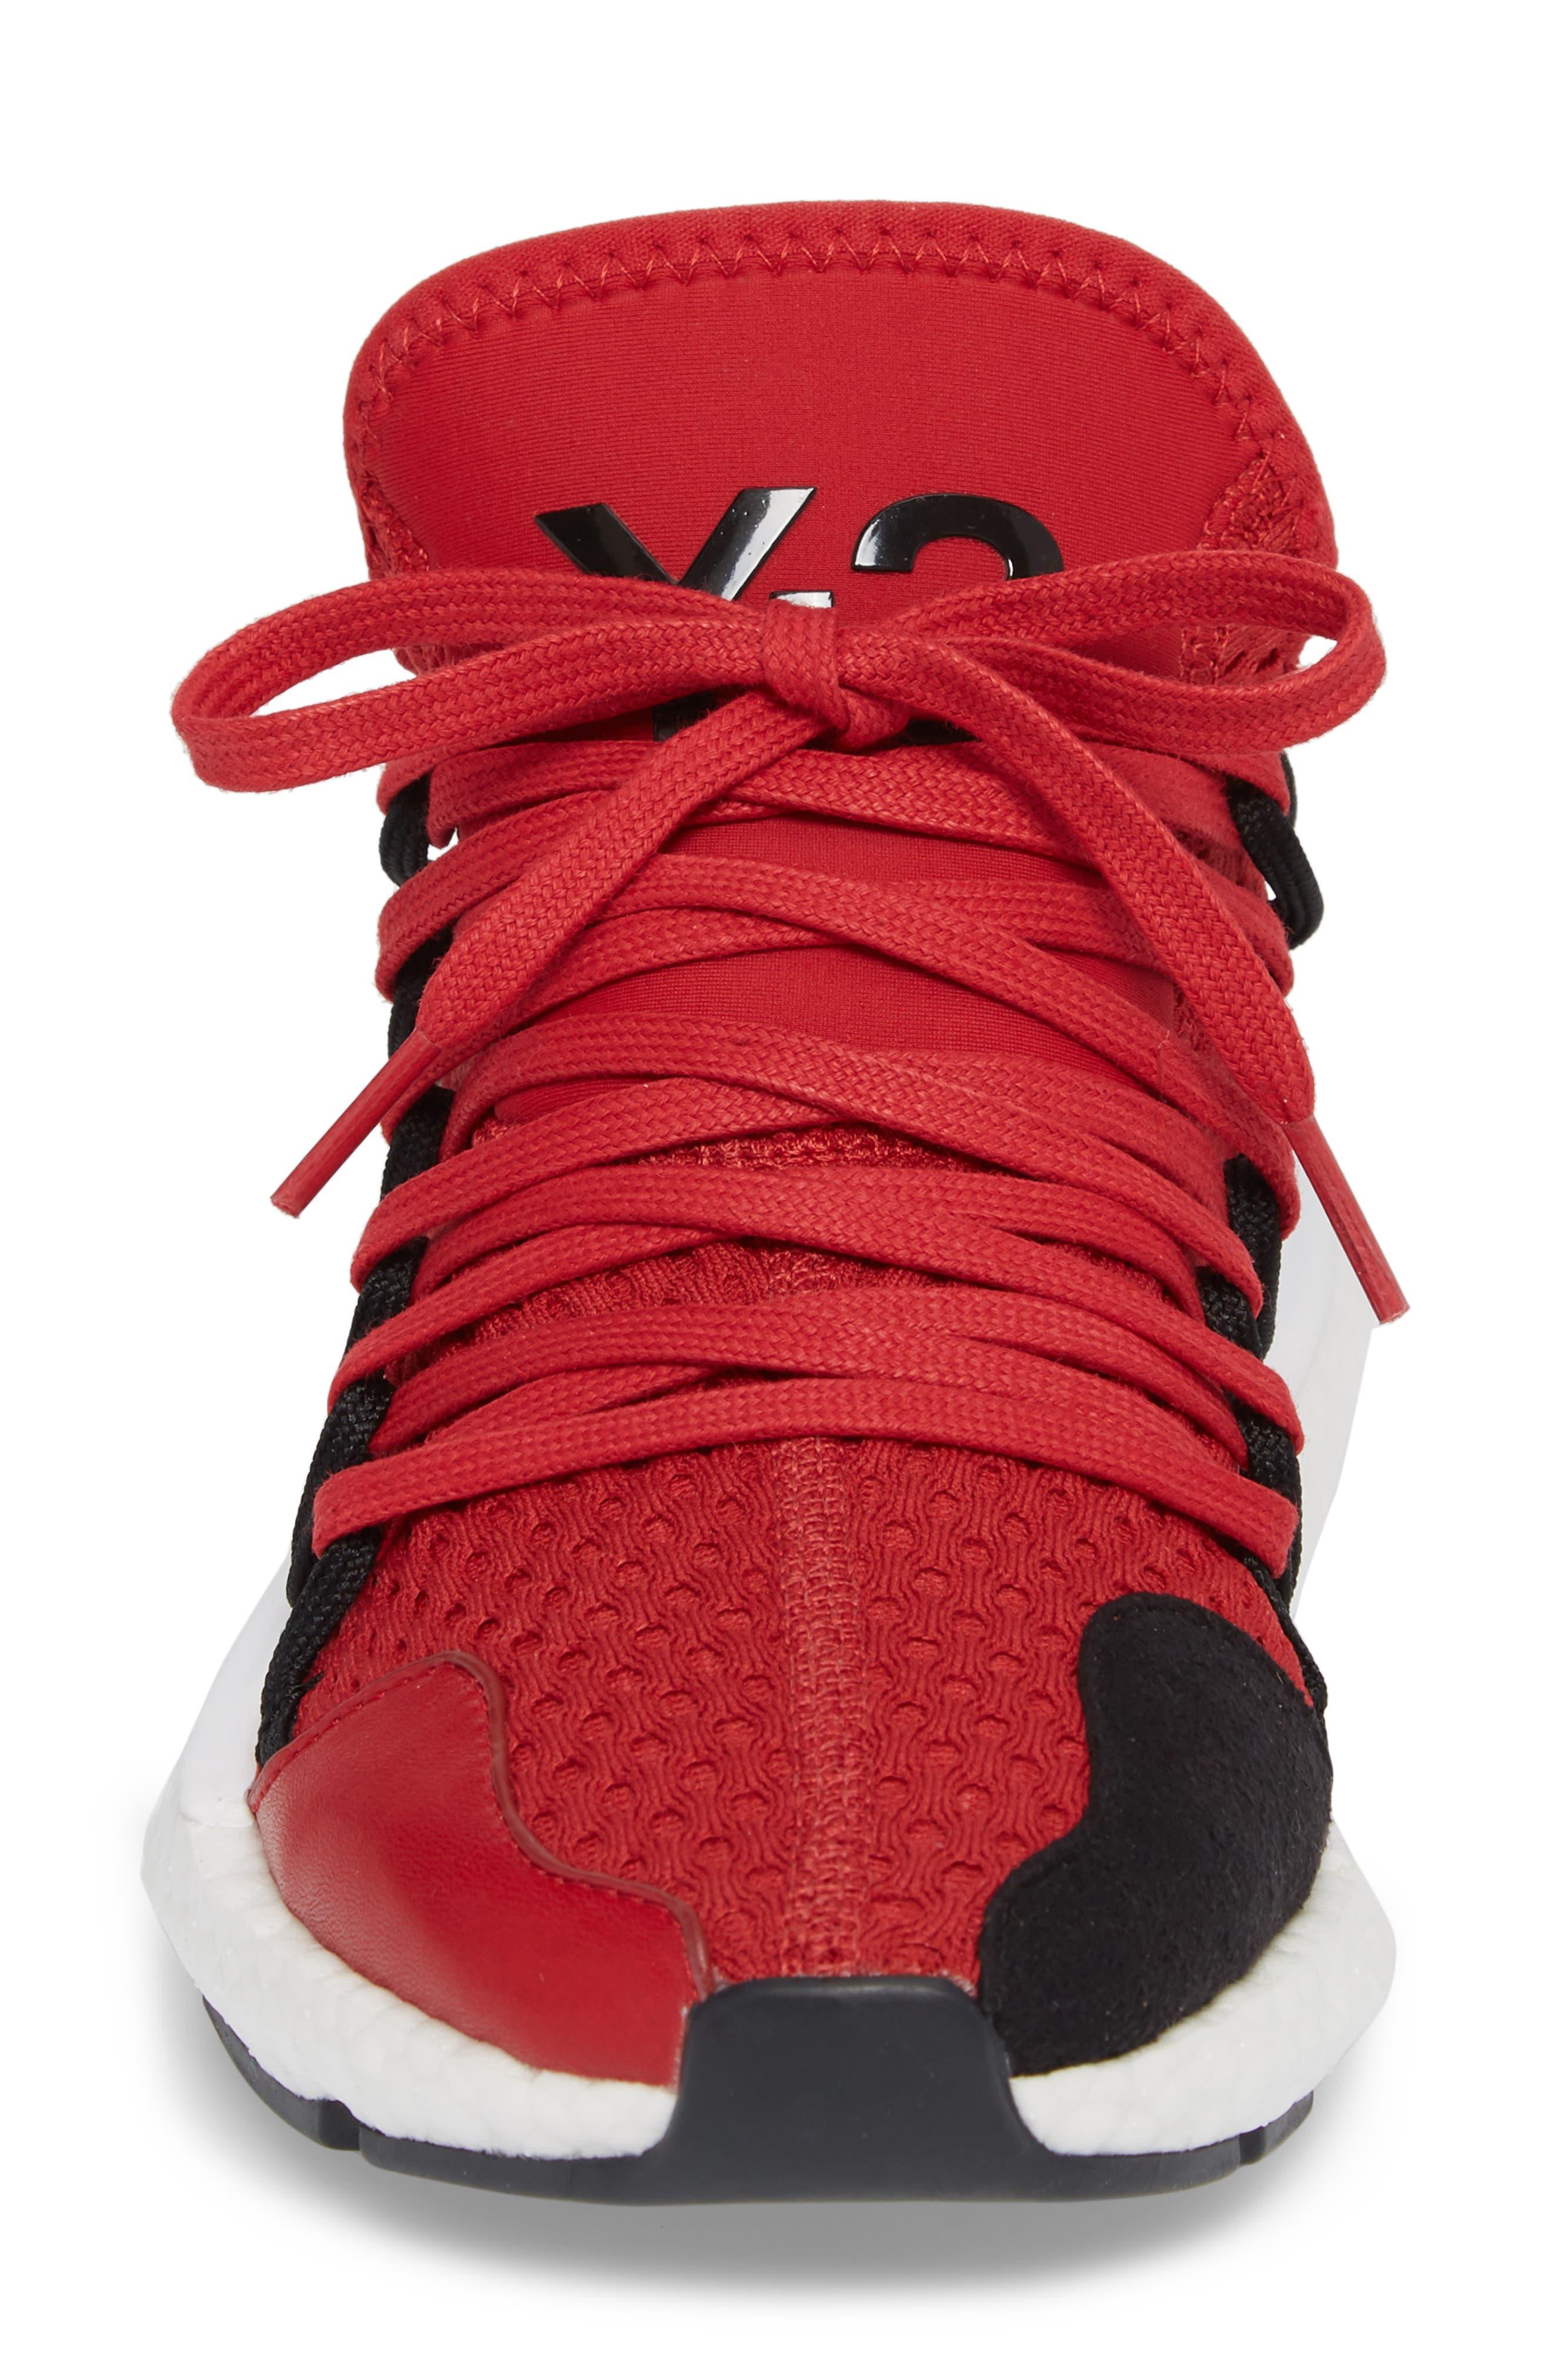 Kusari Sneaker,                             Alternate thumbnail 4, color,